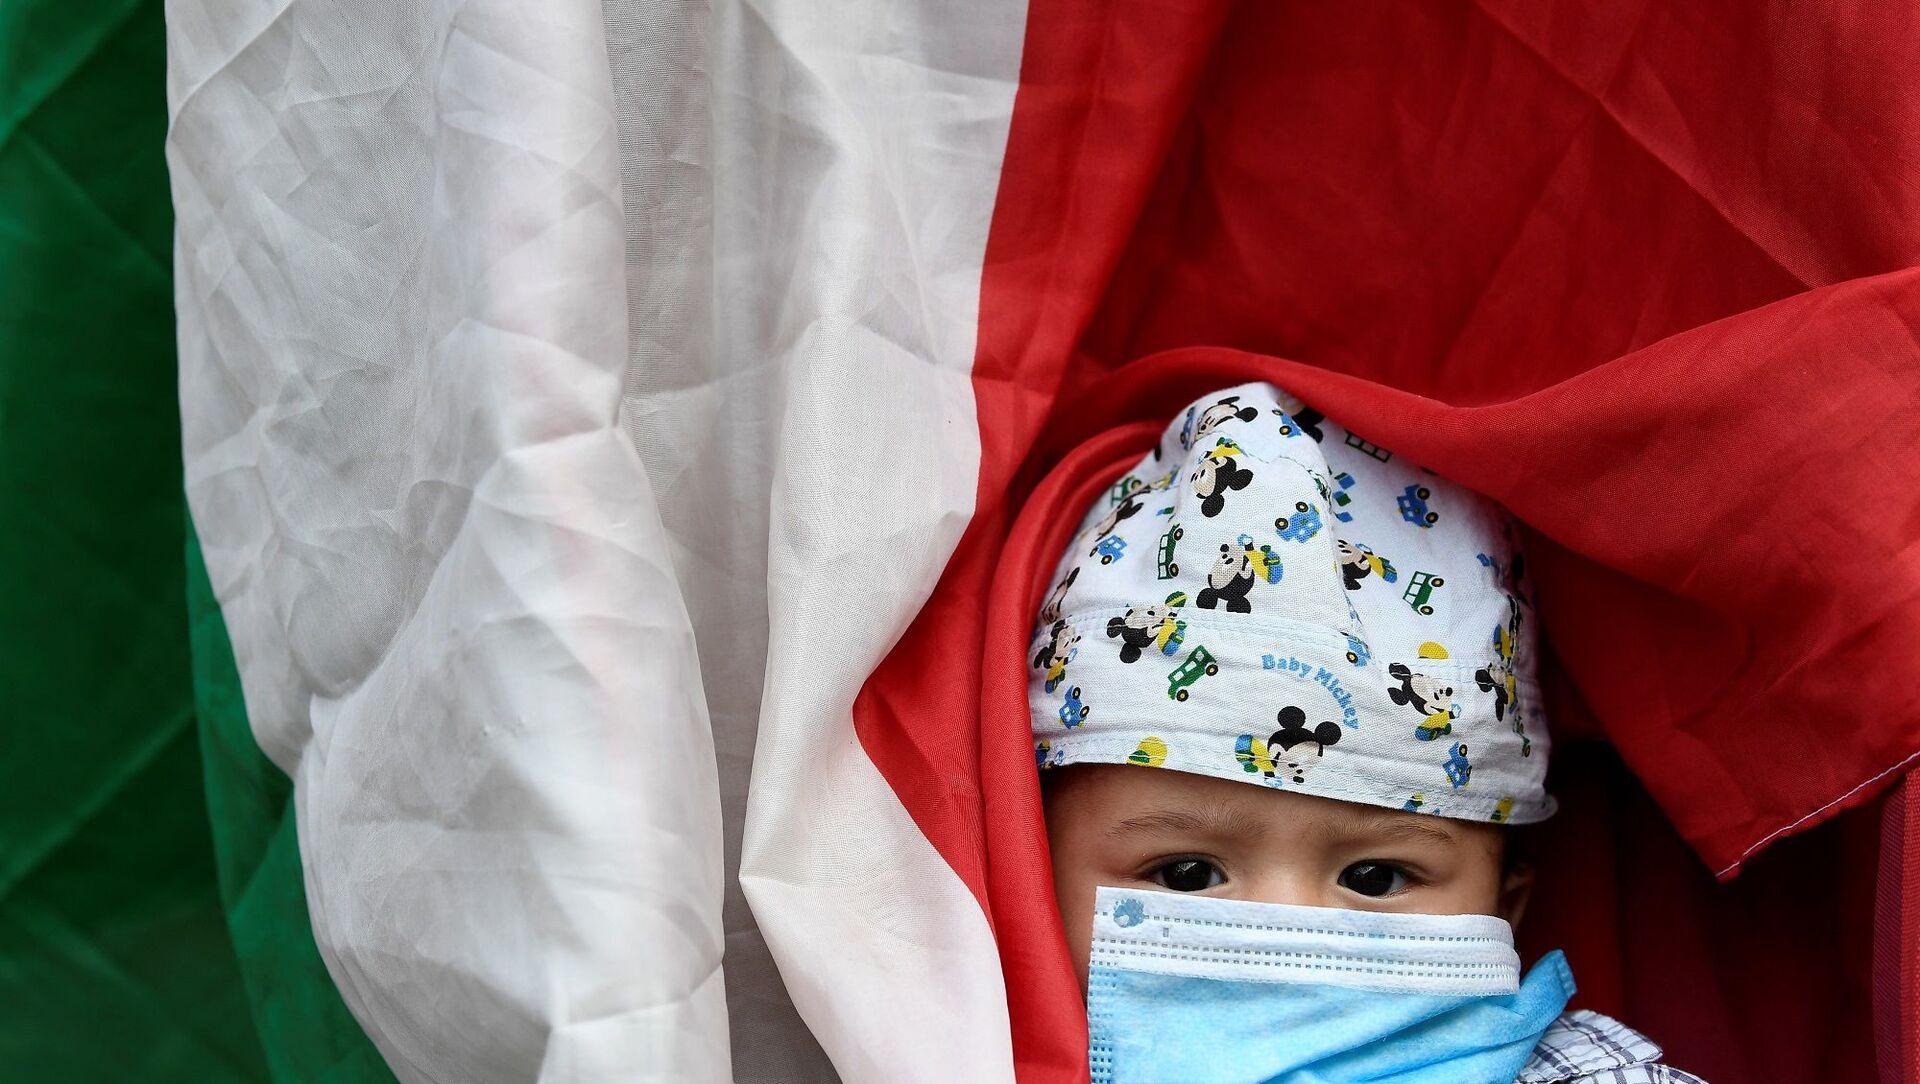 İtalya - koronavirüs - çocuk - maske - Sputnik Türkiye, 1920, 04.02.2021